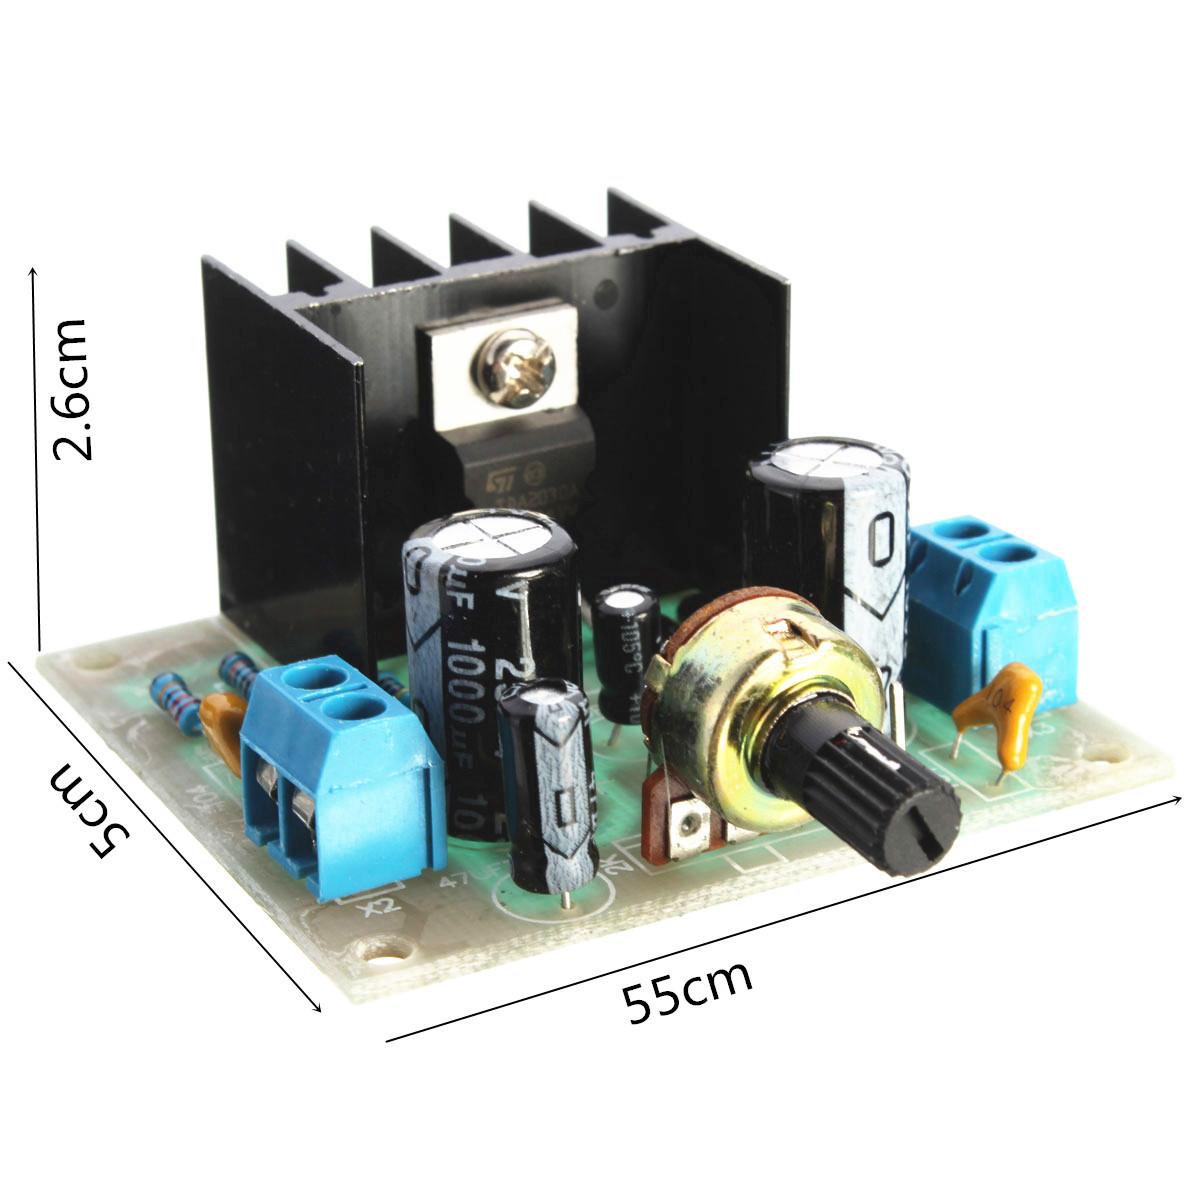 tda2030a audio power amplifier pcb board diy learnin kit